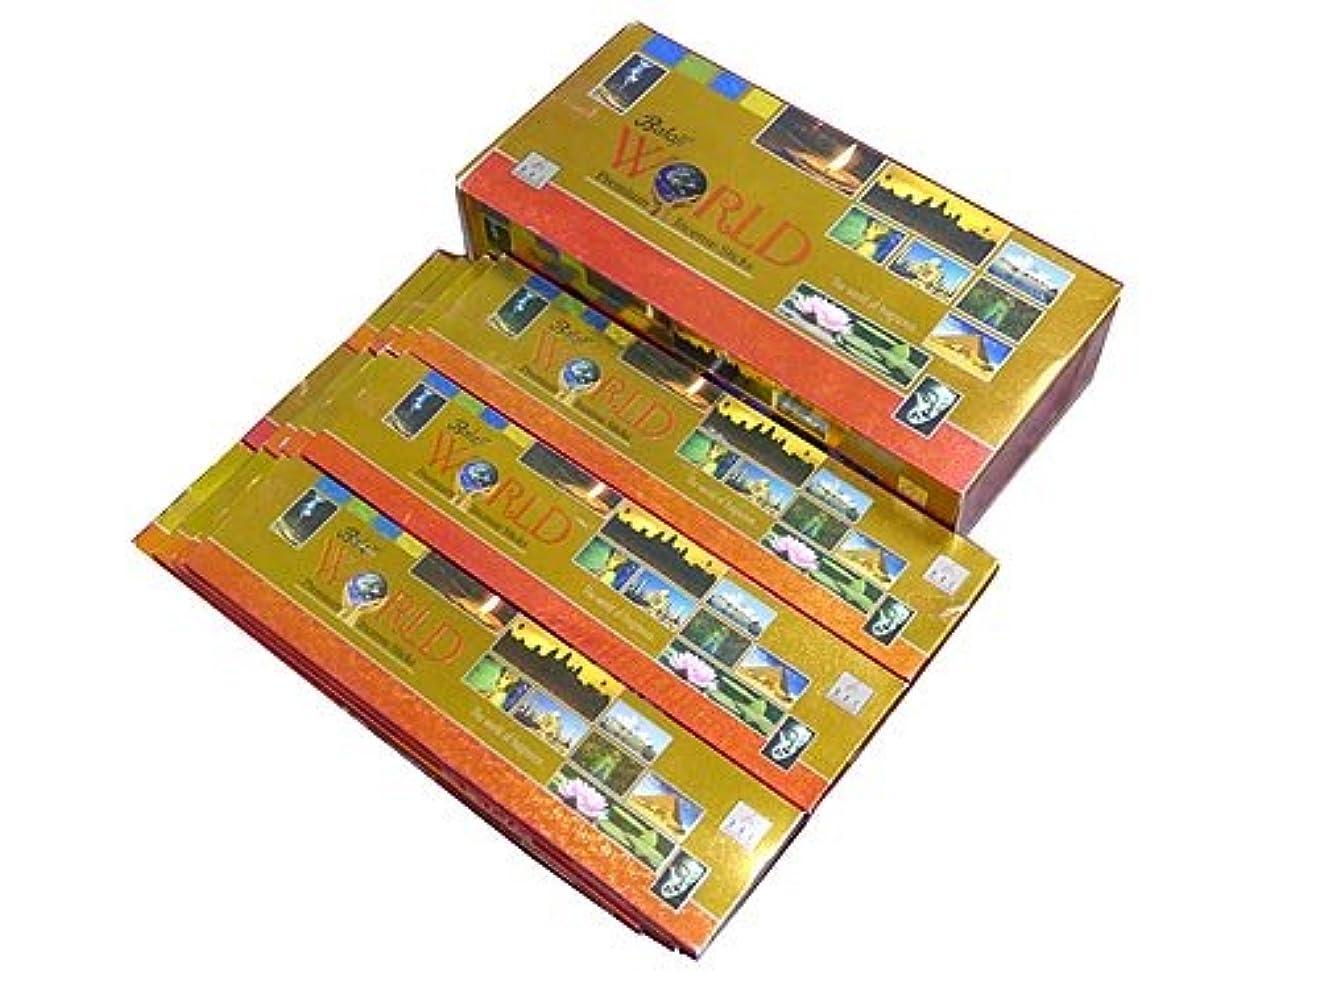 好み歴史的未満BALAJI(バラルジ) ワールド香 スティック WORLD 12箱セット